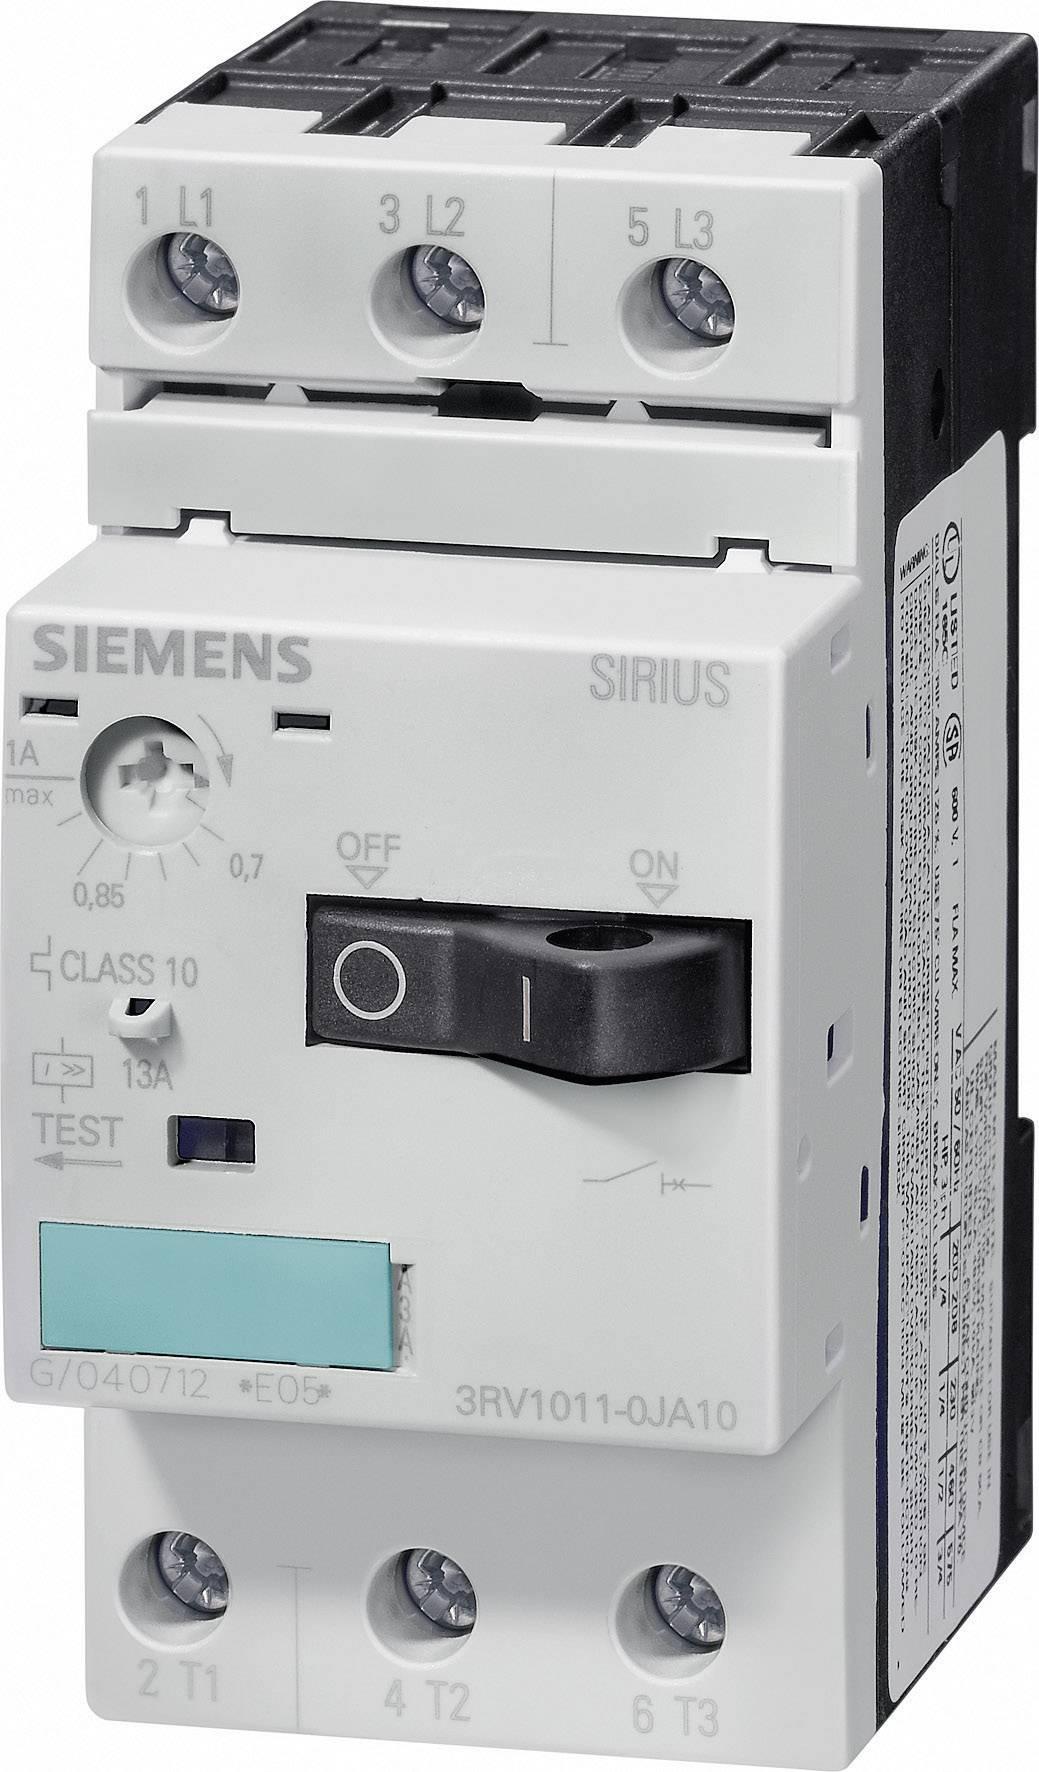 Výkonový spínač Siemens 3RV1011-1KA10, 9,00 - 12,0 A